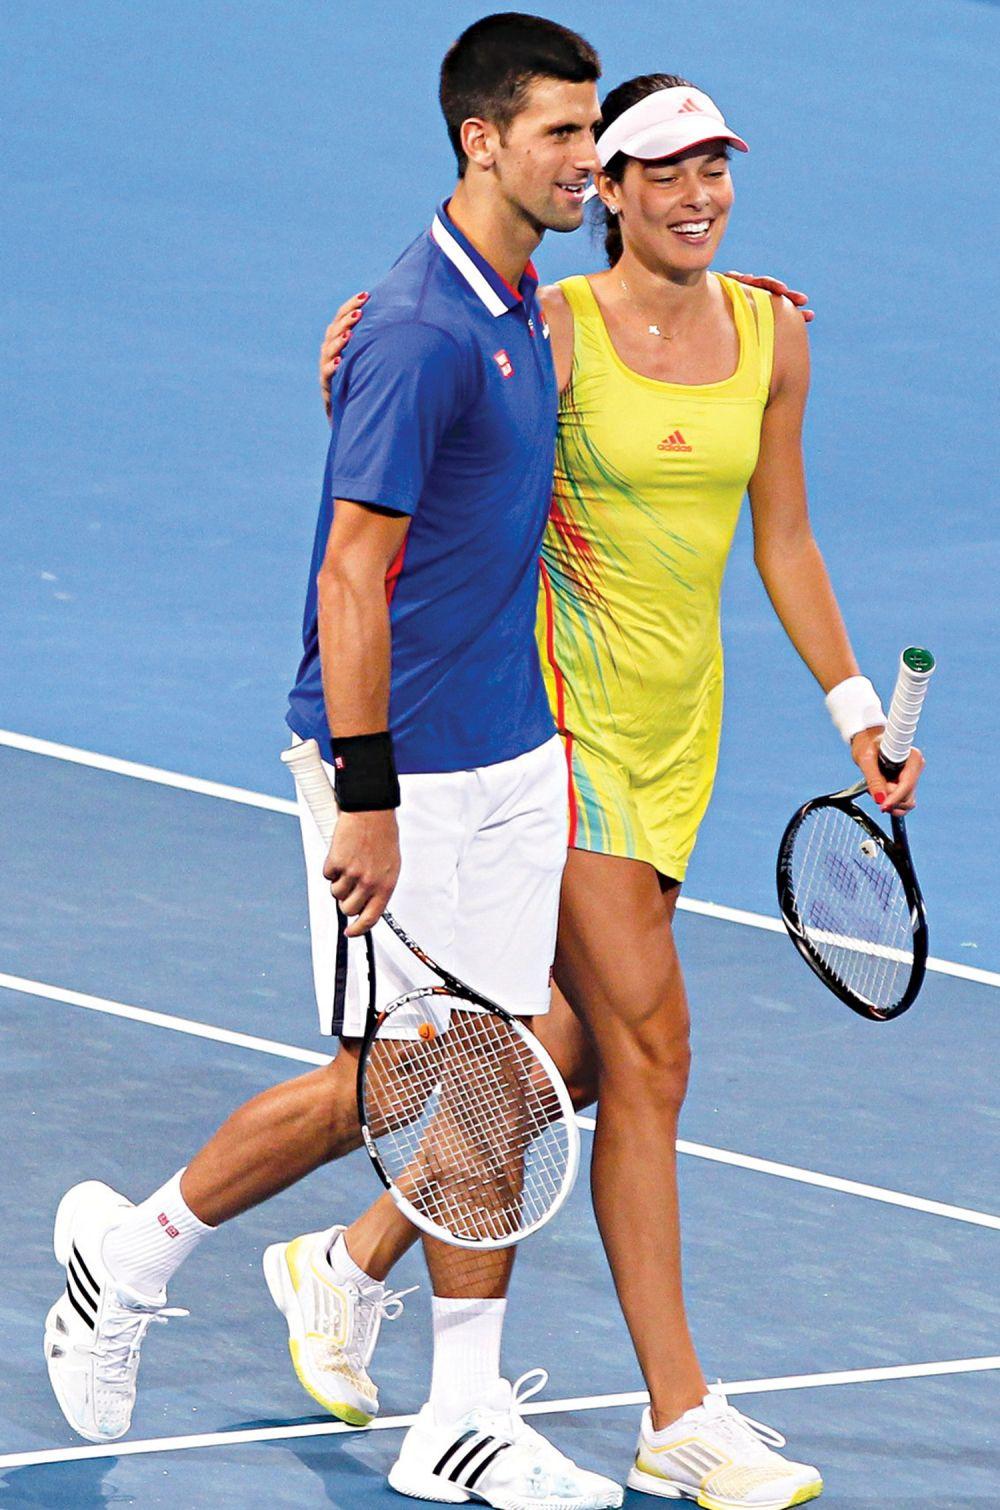 Ana I Nole Tandem Za Zlato U Riju Ana Ivanovic Tennis Ana Ivanovic Novak Djokovic